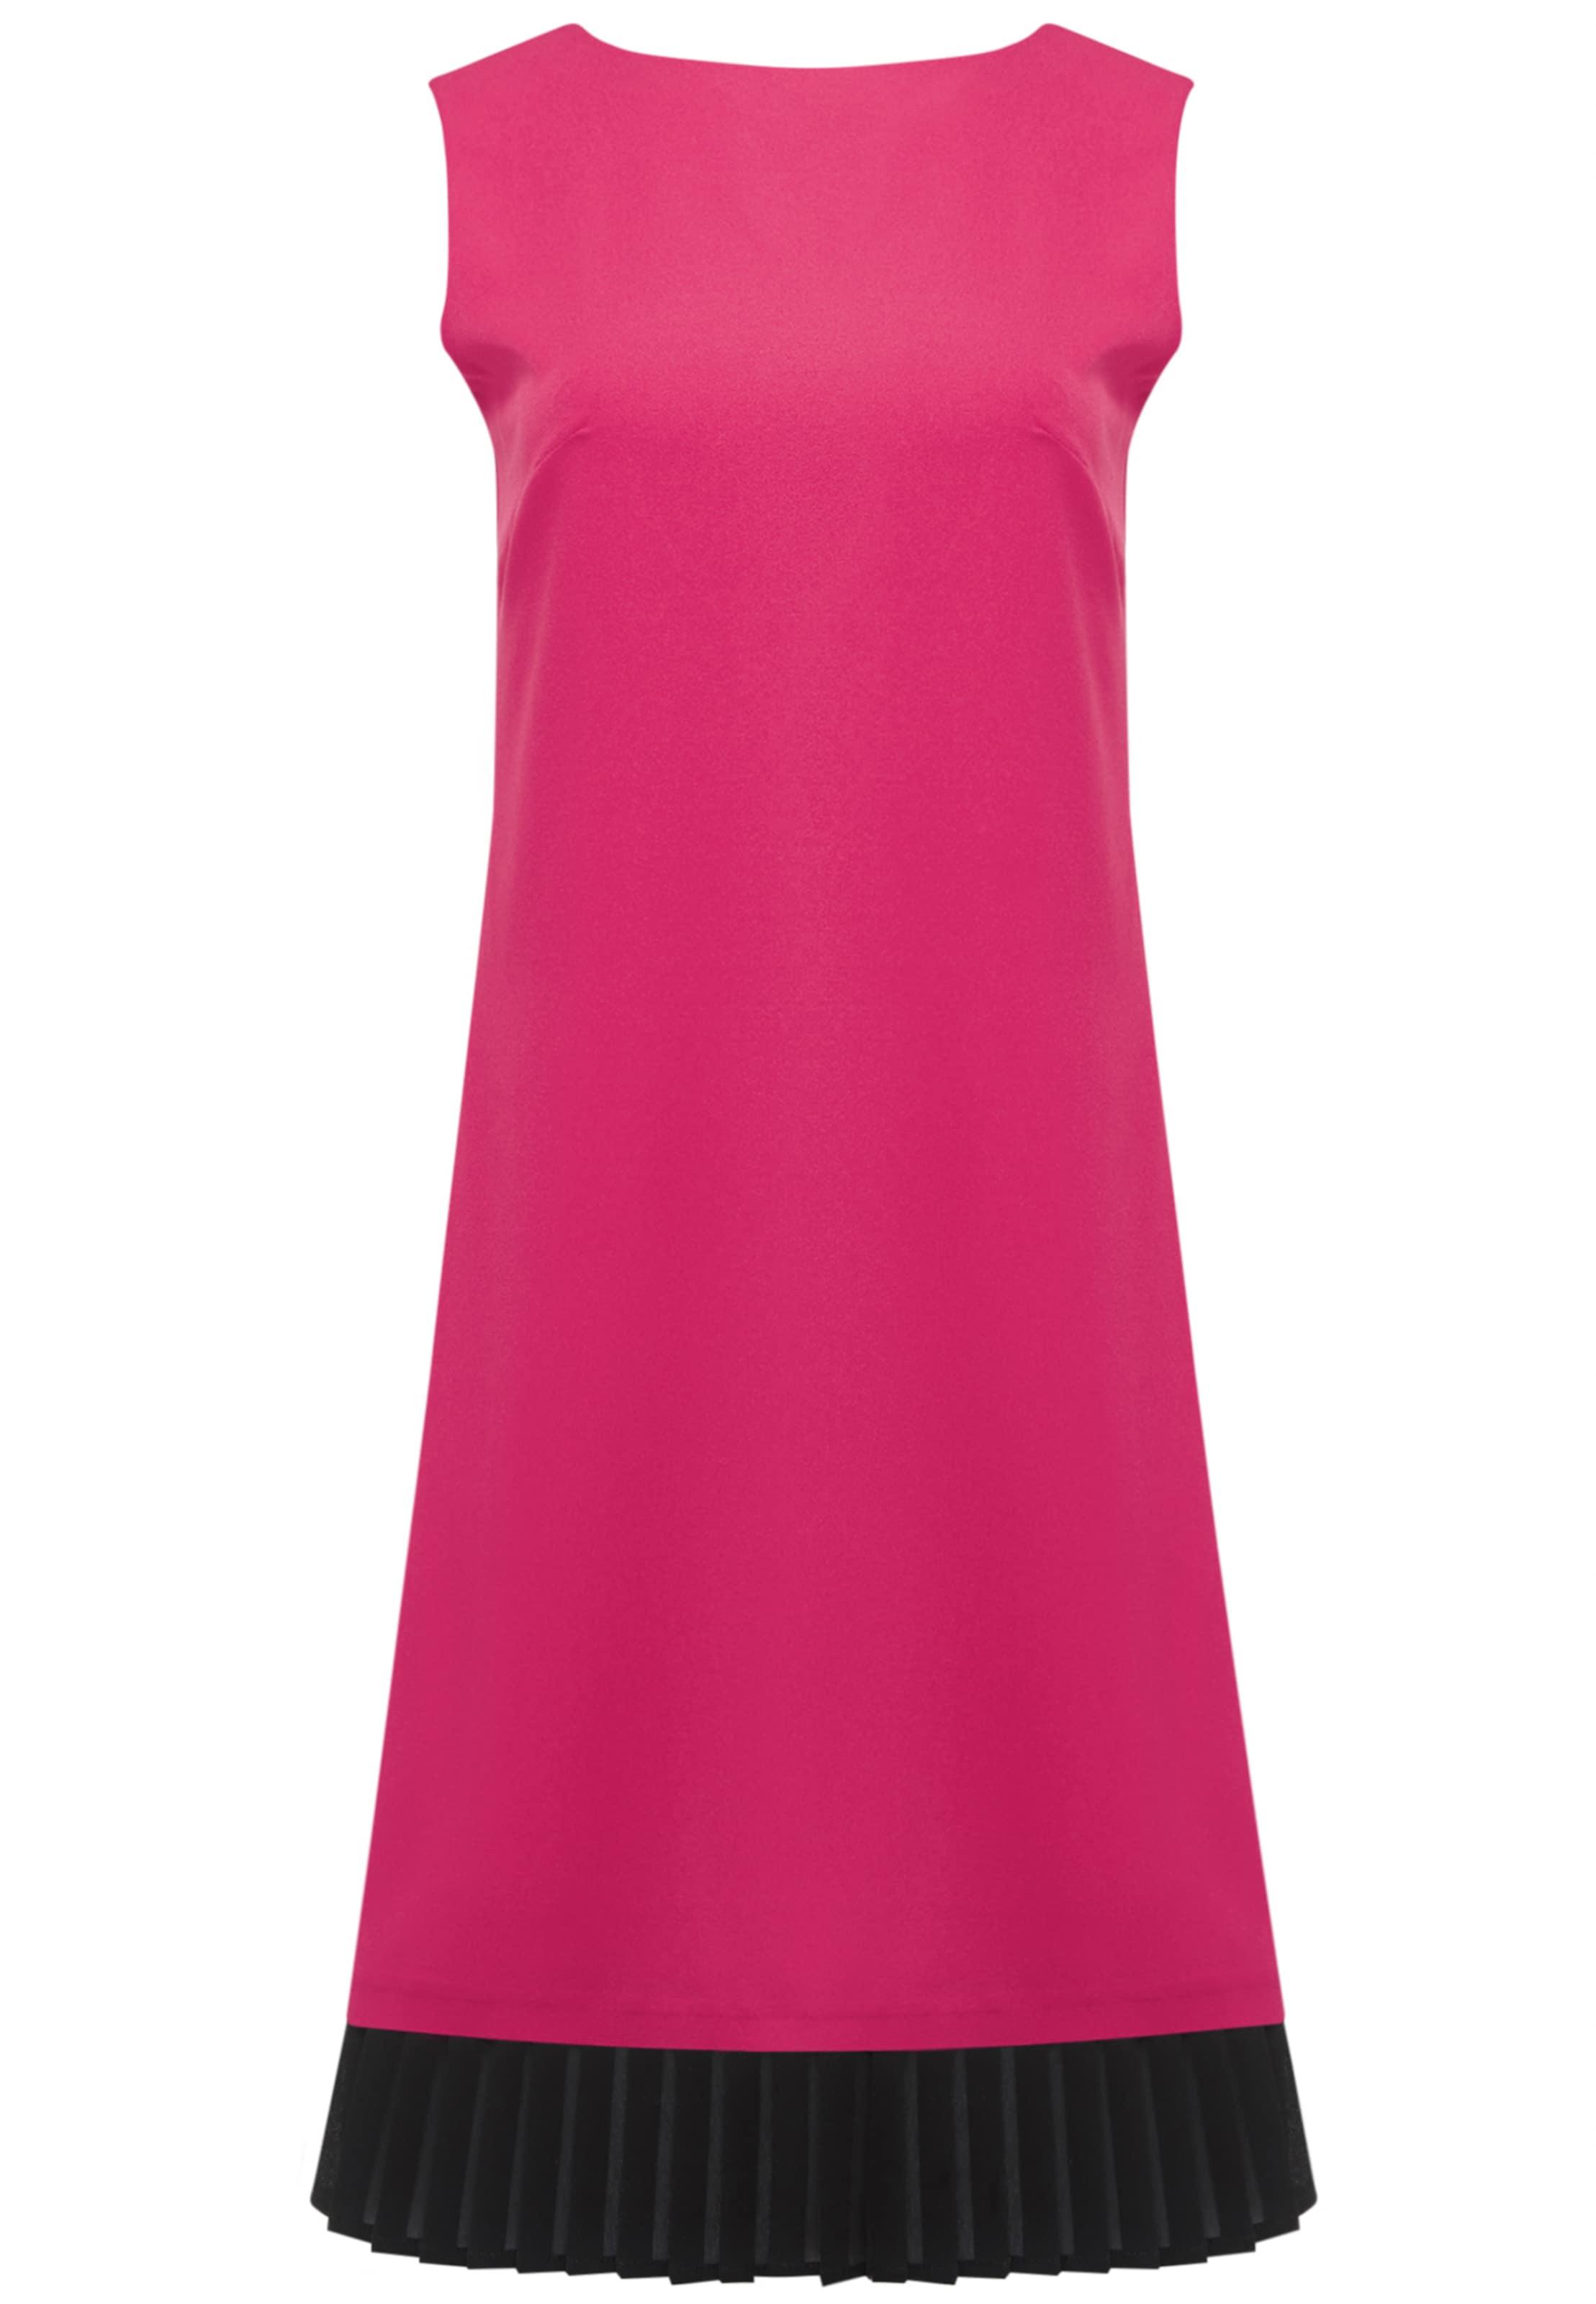 Robe Faina De Rose Cocktail En CBrtxsQhdo